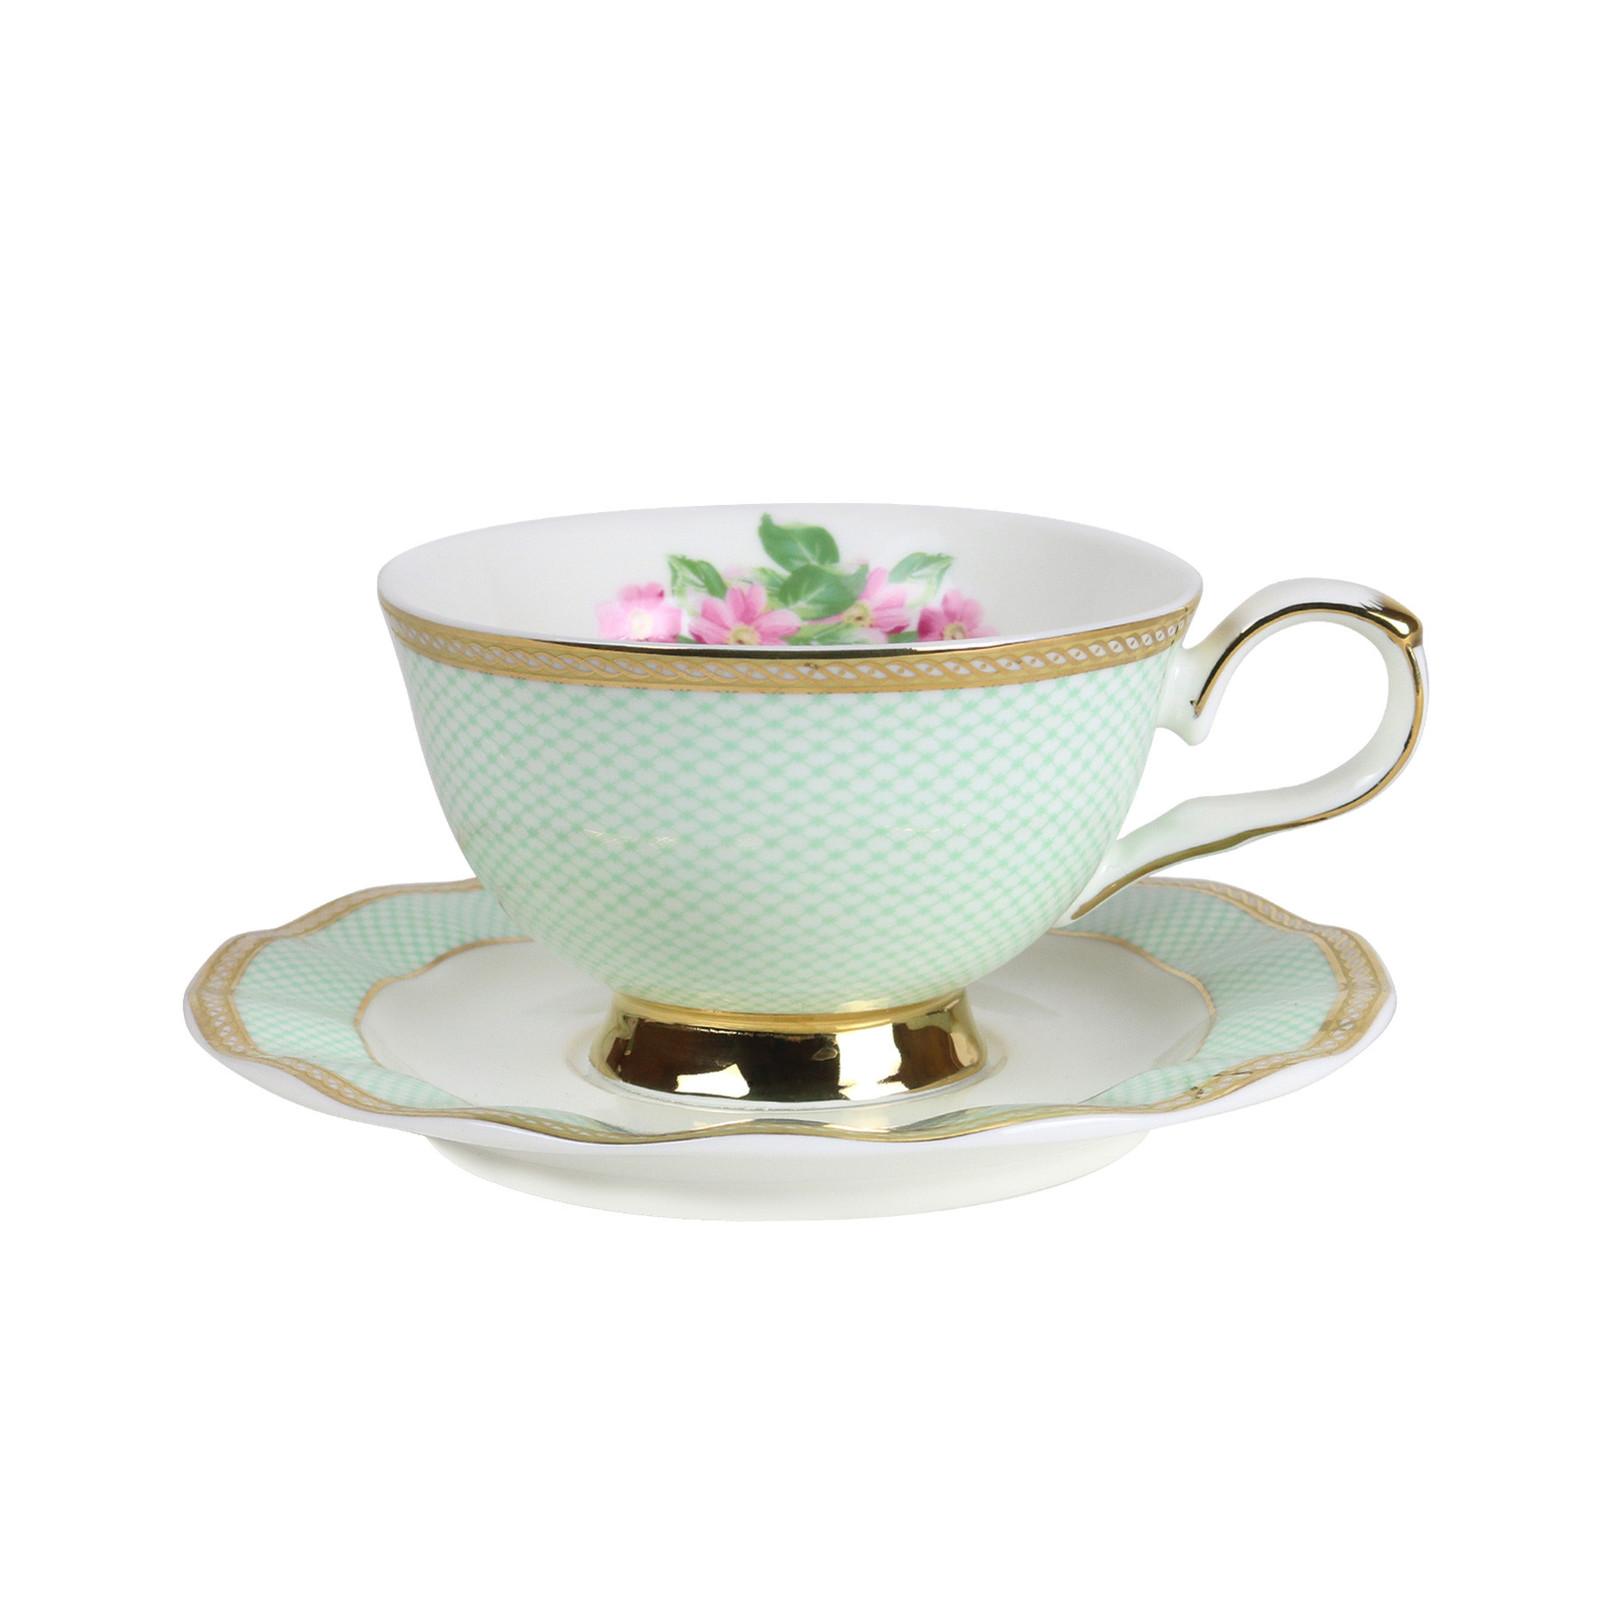 Robert Gordon: Teacup & Saucer (Parlour Green) image